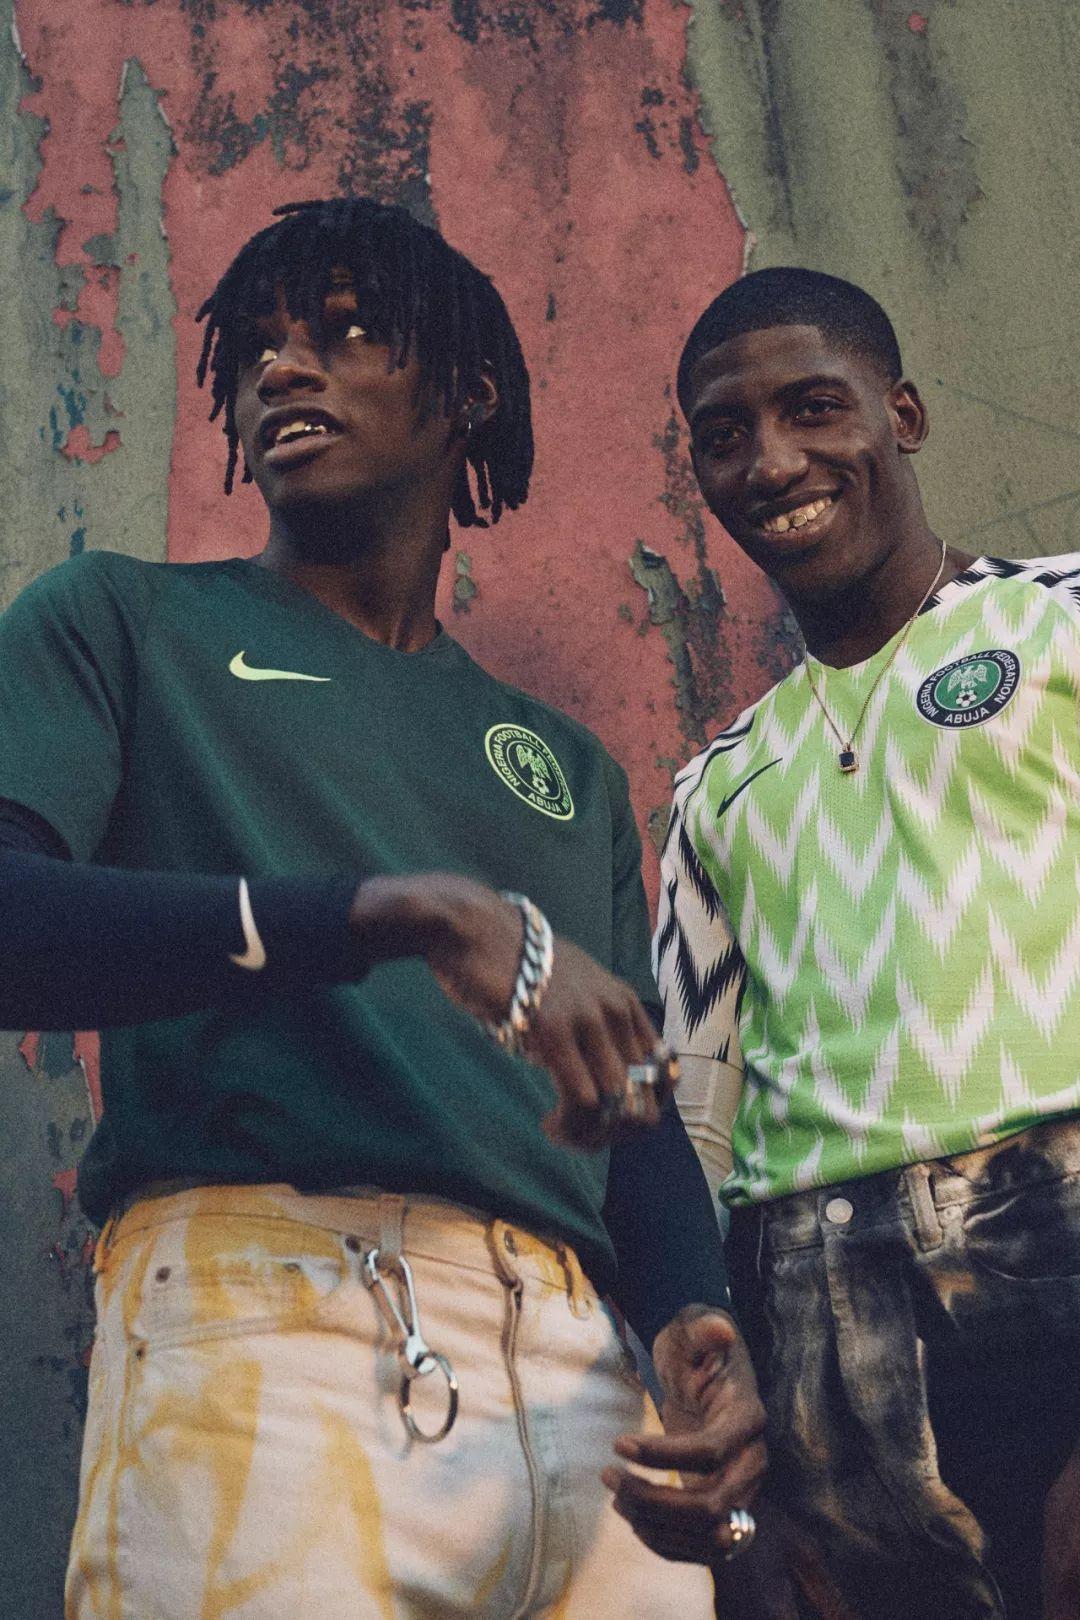 今年世界杯冠军会是穿 Nike 的吗?